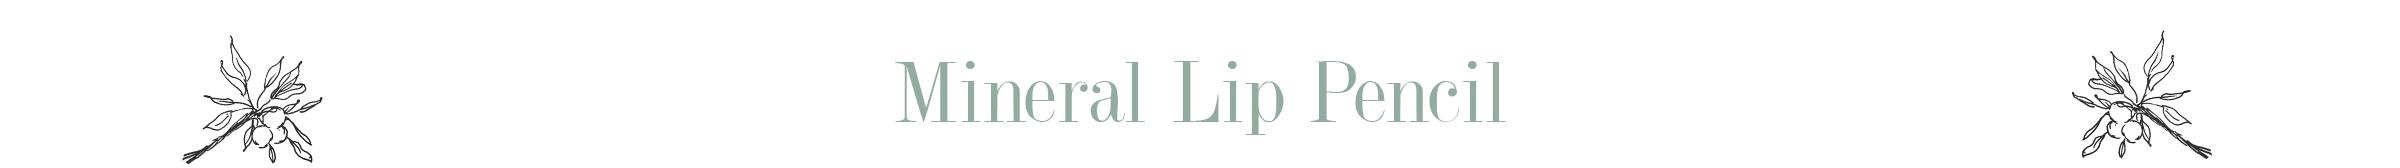 lippencil.png